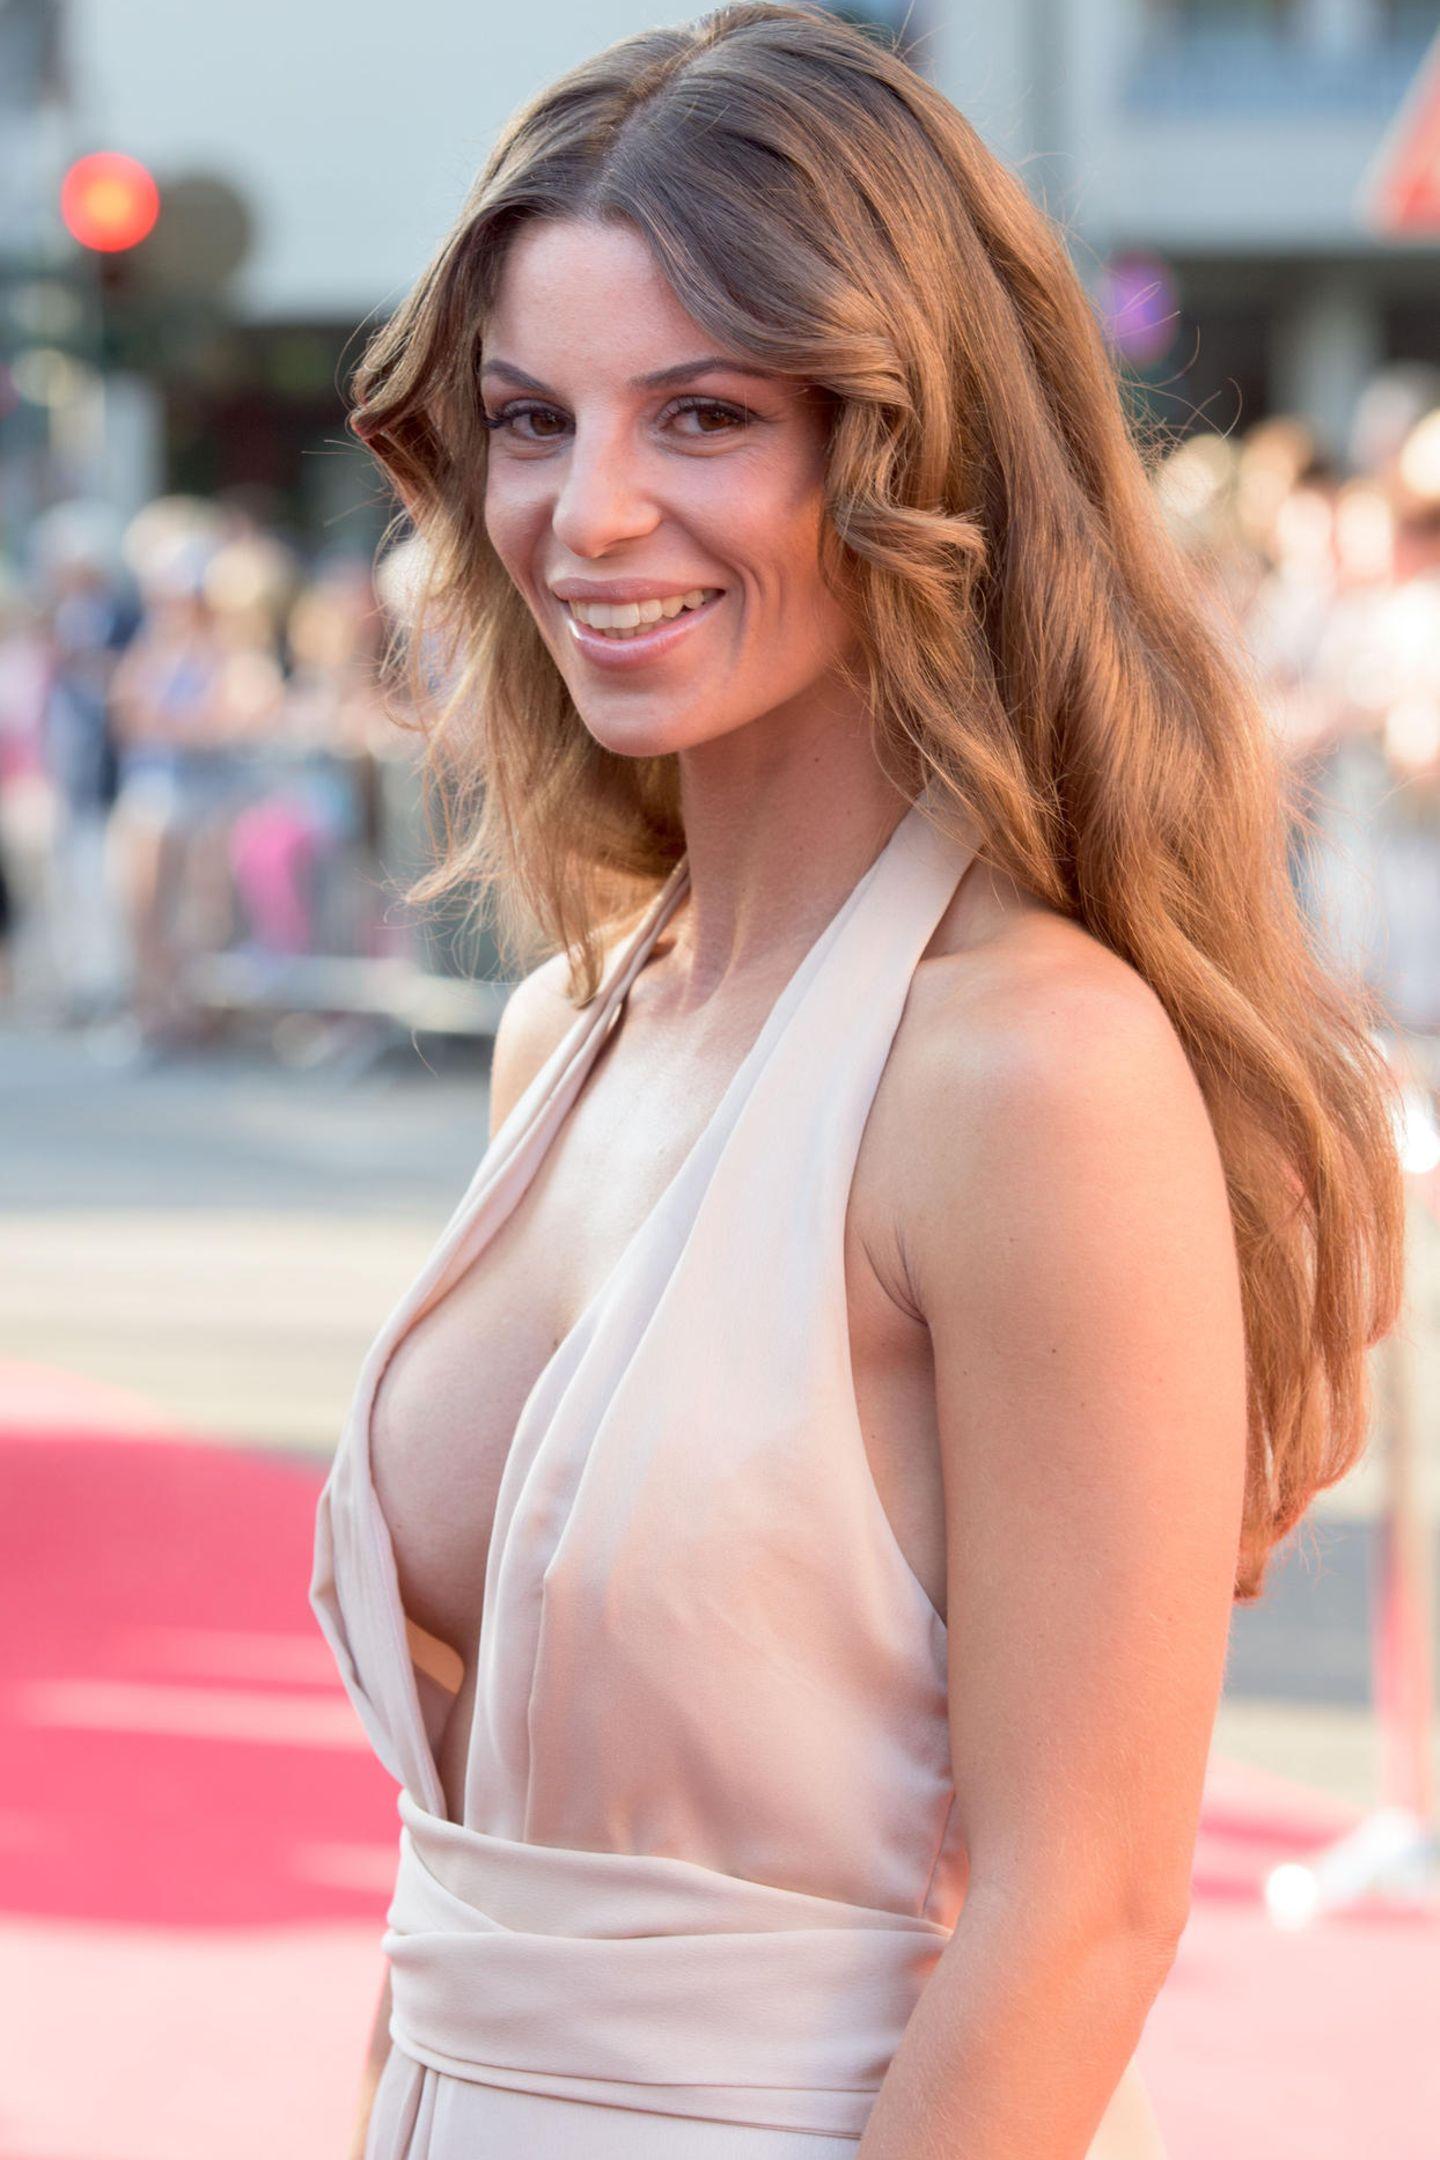 """Alissa Harouat war die schöne Gewinnerin an der Seite von """"Bachelor"""" Jan Kralitschka. Schon kurz nach Drehschluss beendete der jedoch die Beziehung. Zum Glück geht es kurze Zeit später wieder bergauf..."""